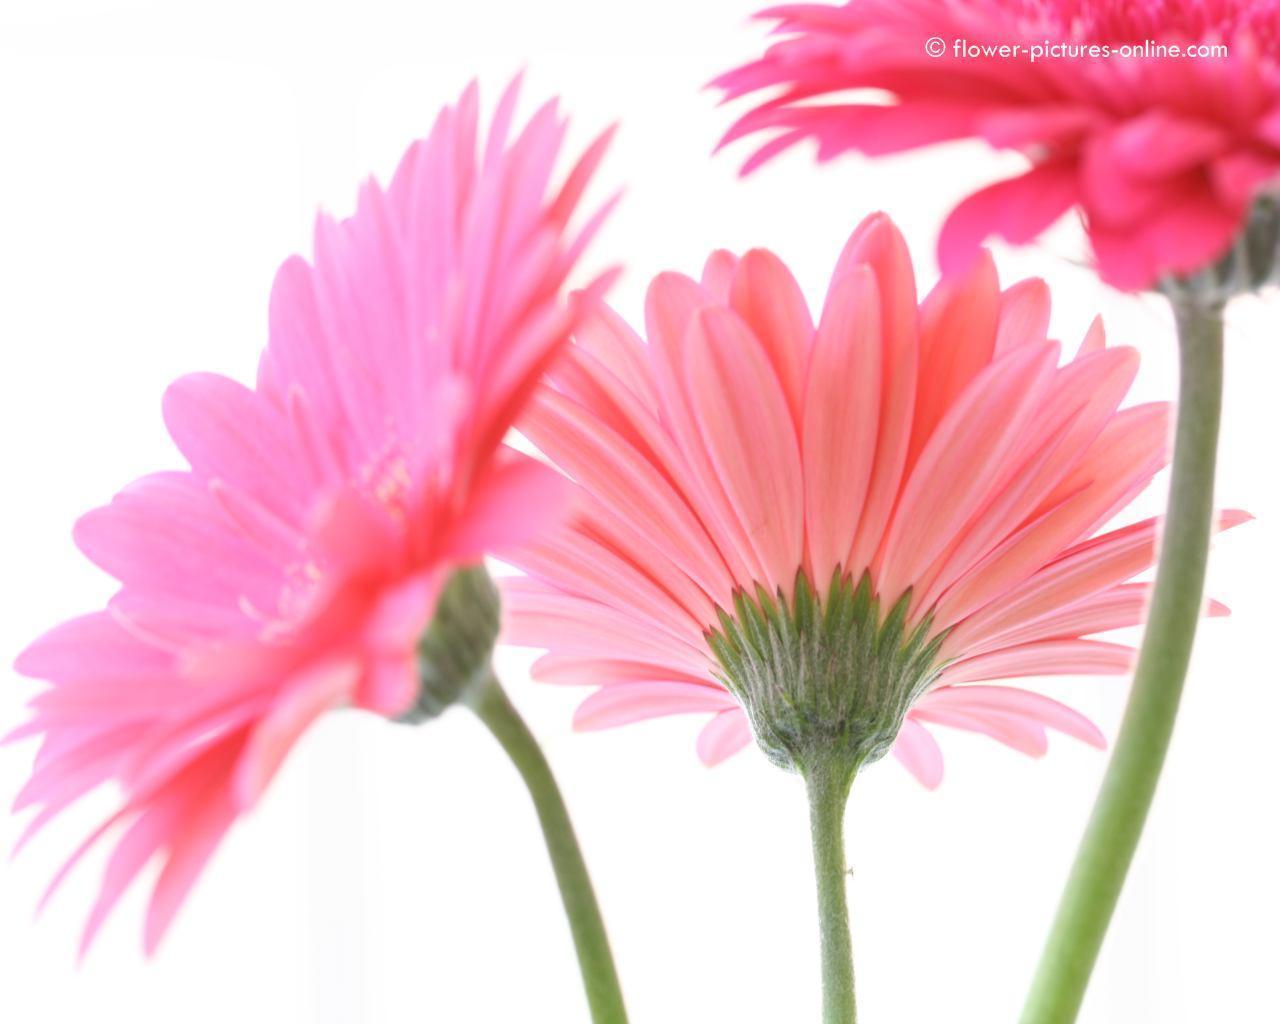 pink gerbera flowers wallpapers - photo #35